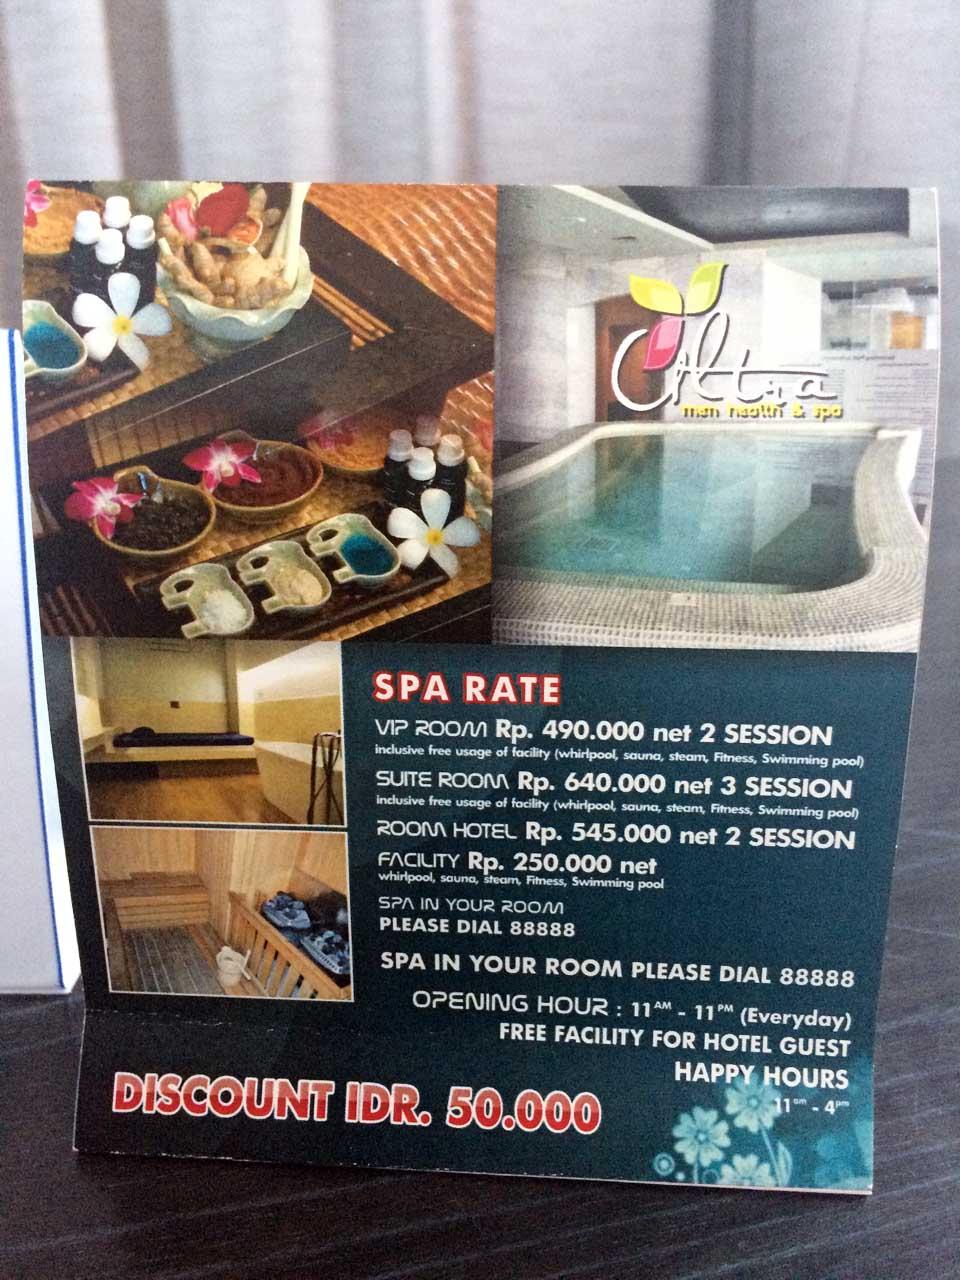 Spa - Hotel Novotel Lampung - Yopie Pangkey